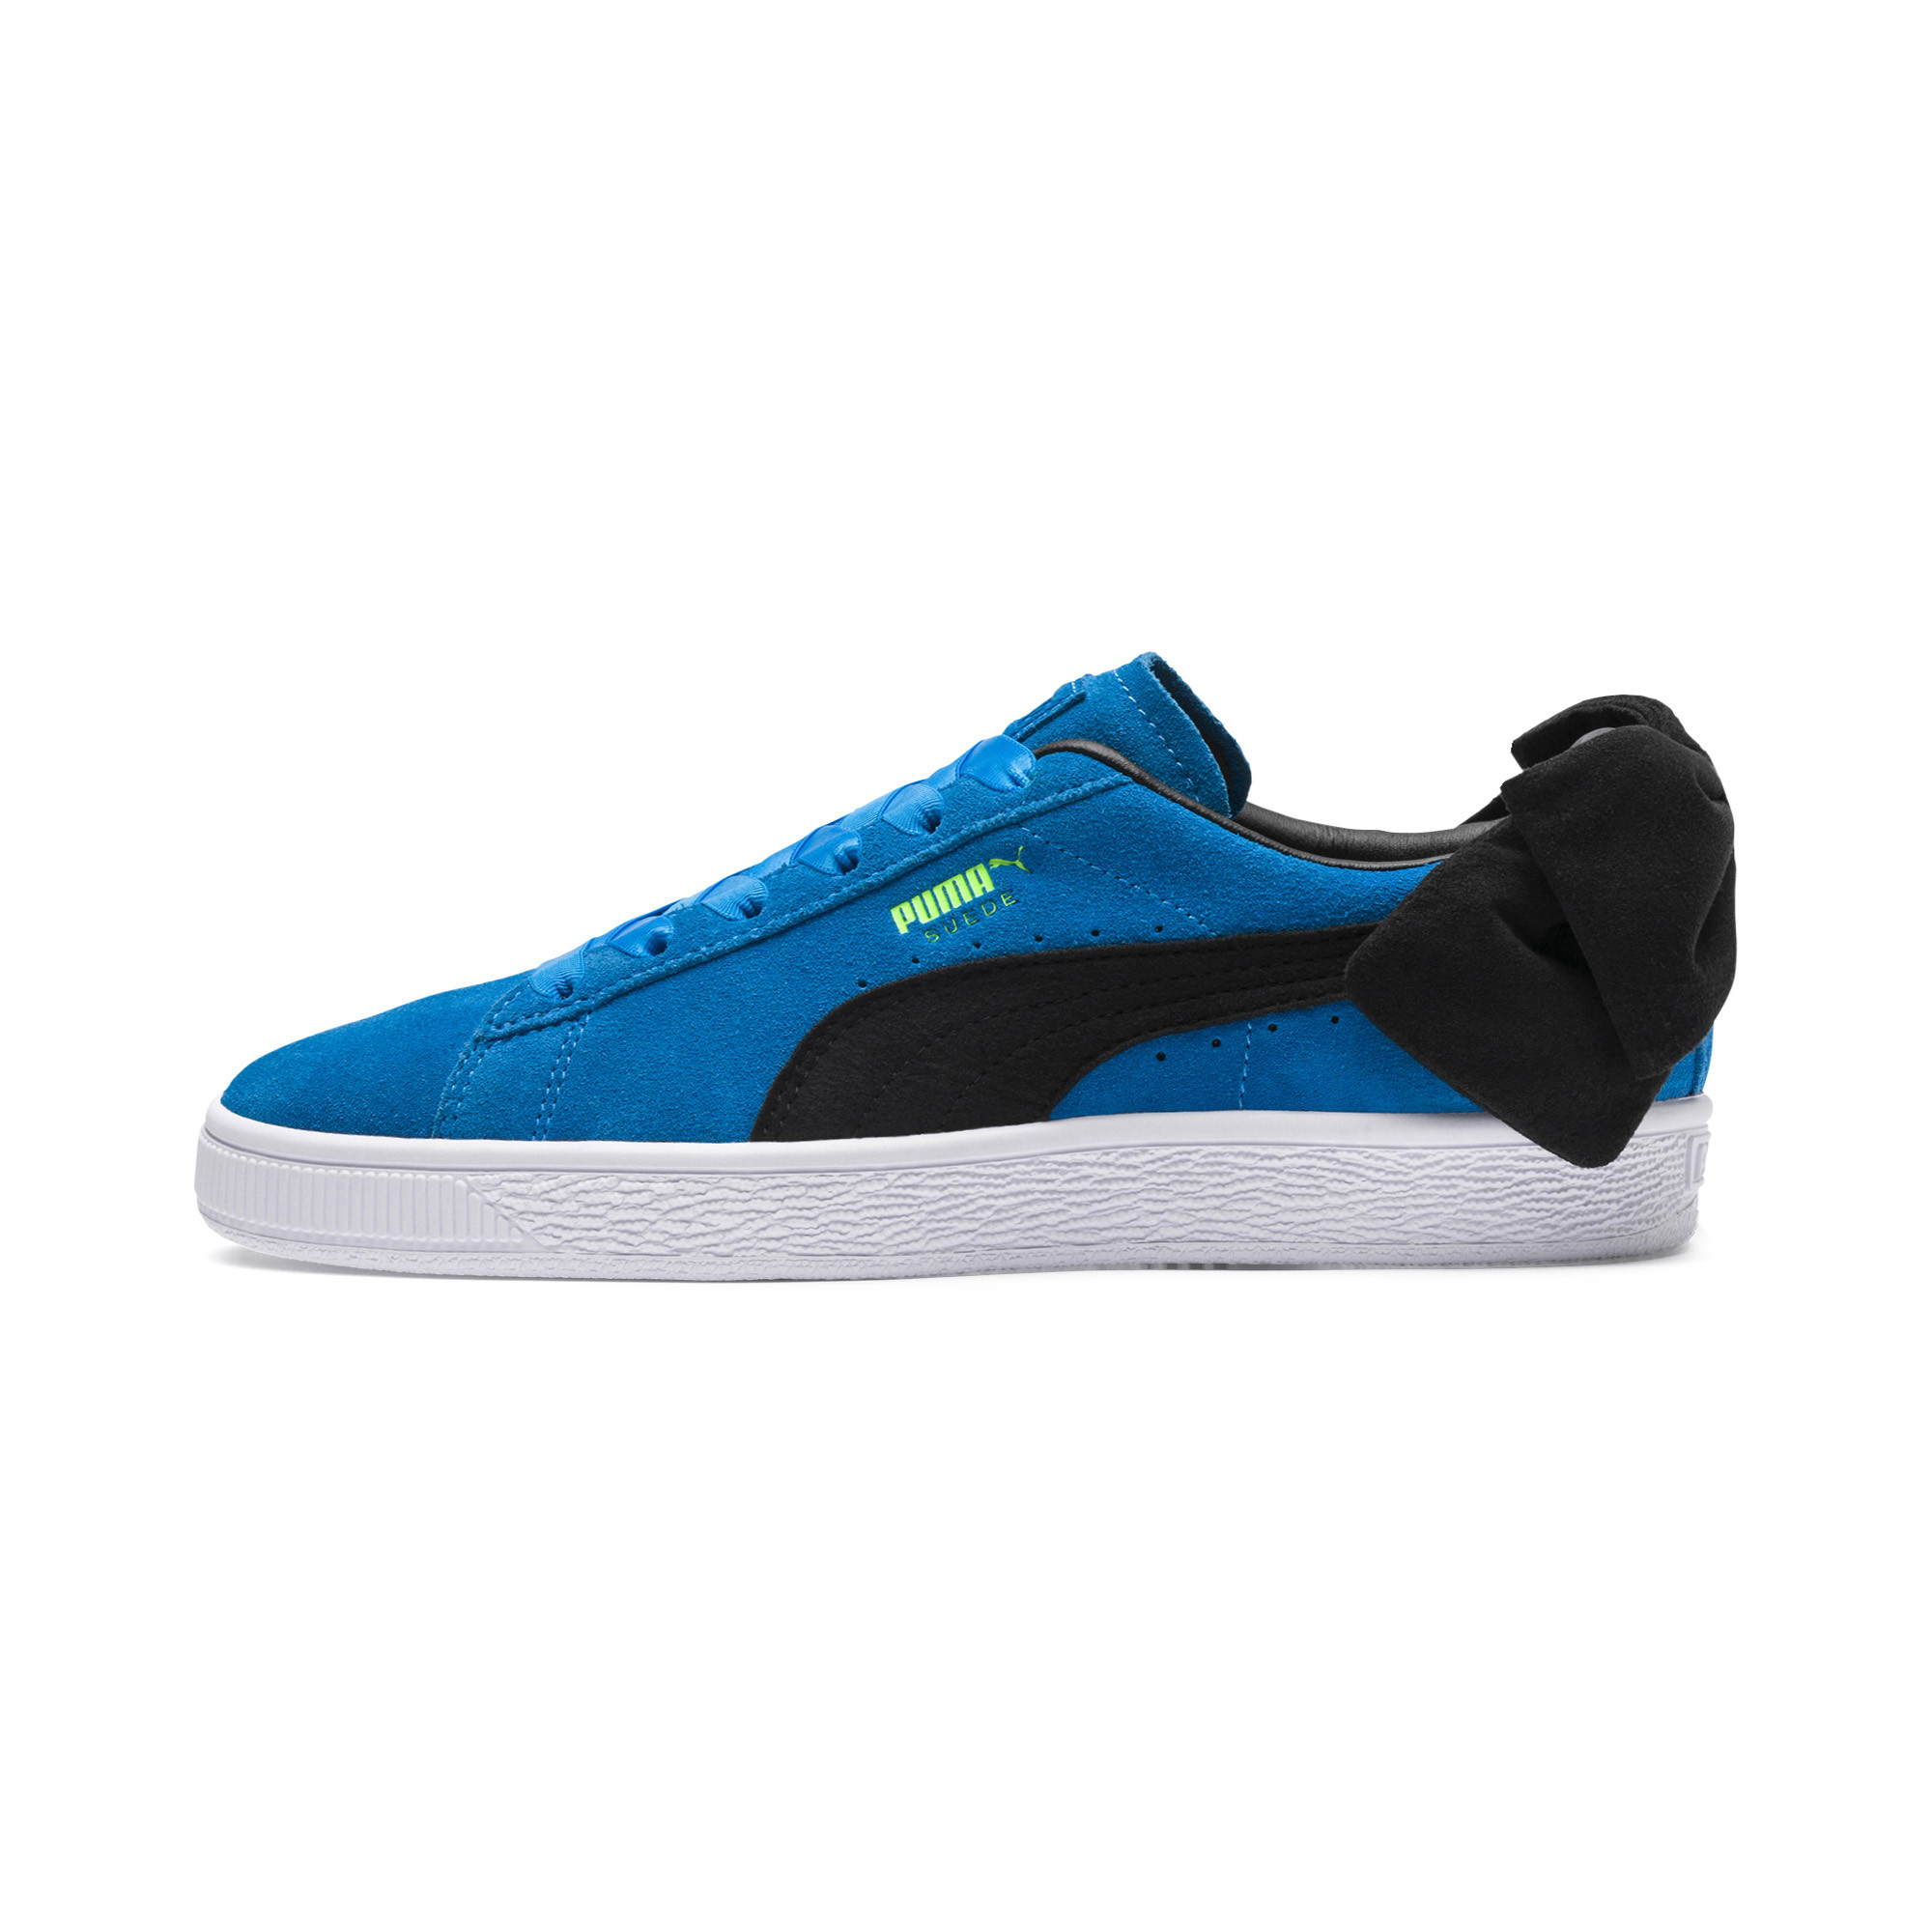 PUMA-Suede-Bow-Block-Damen-Sneaker-Frauen-Schuhe-Sport-Classics-Neu Indexbild 16